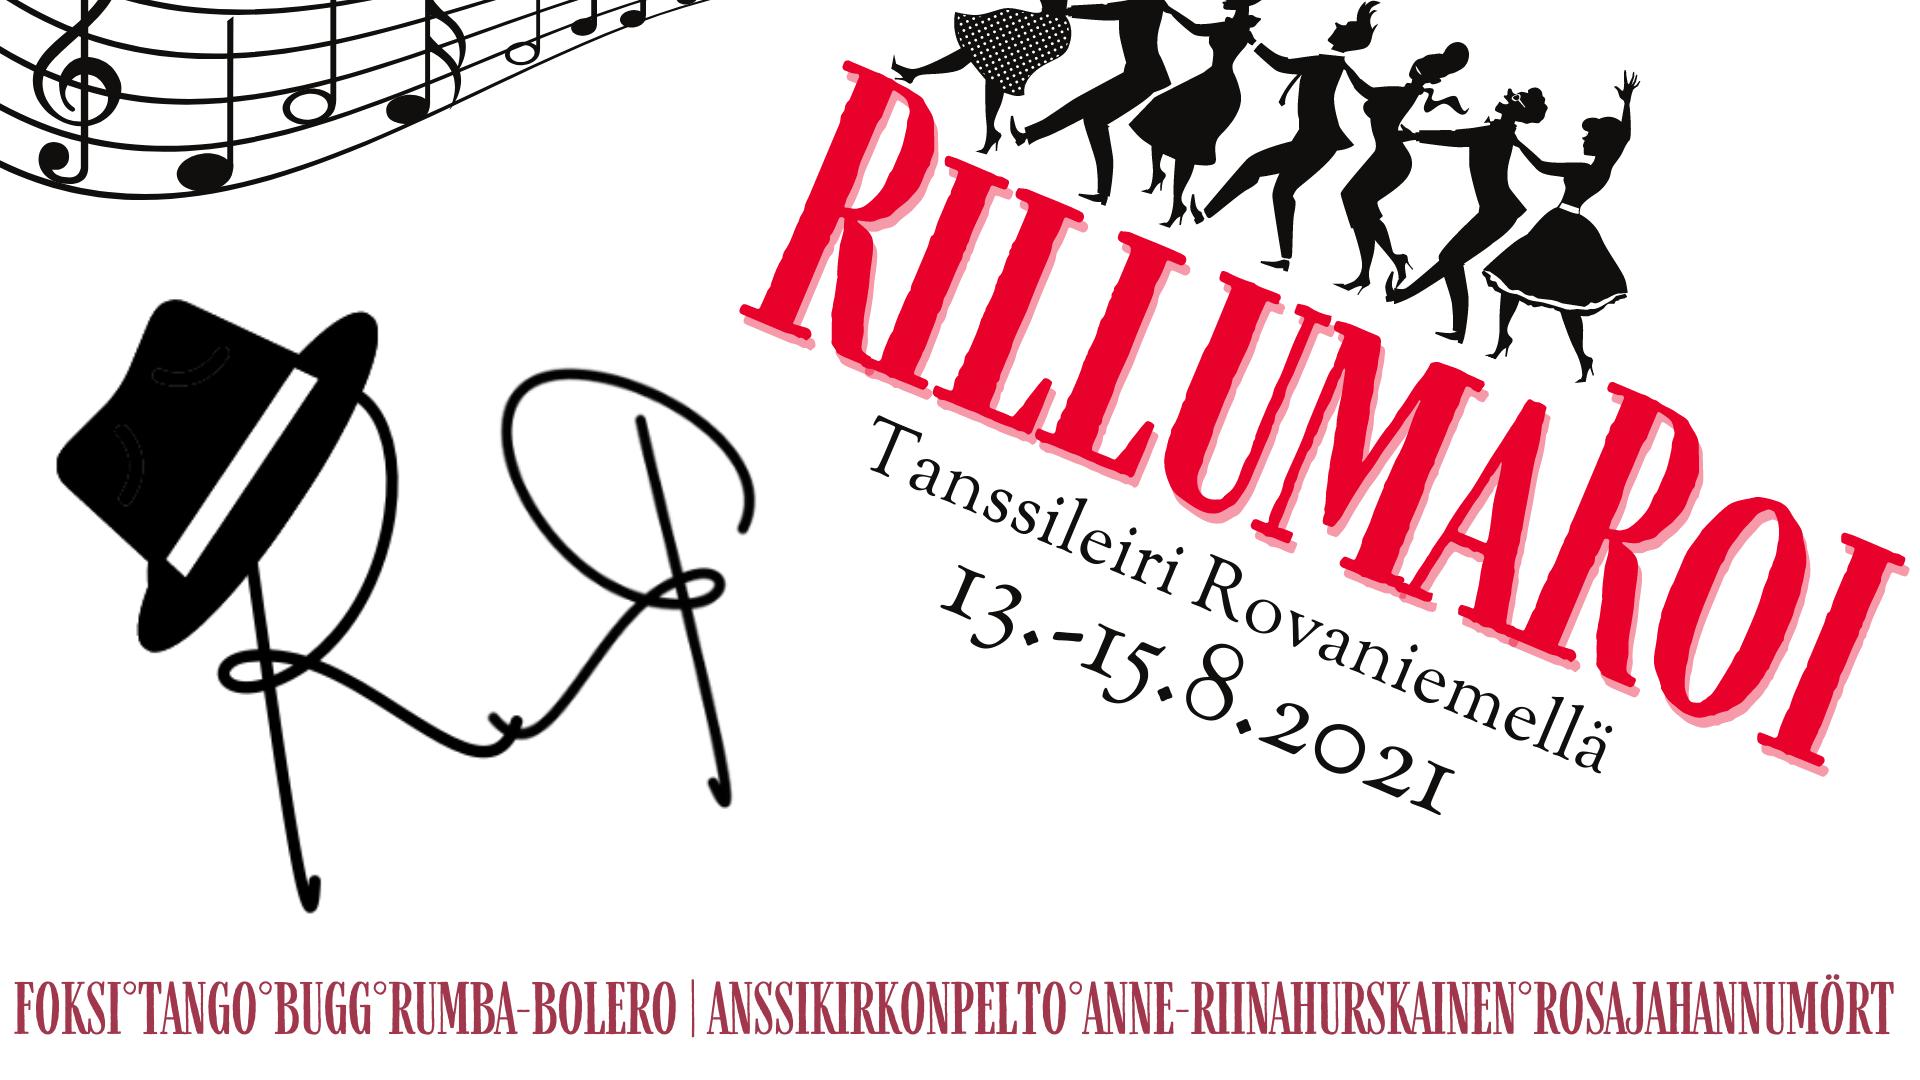 RillumaRoi-tanssileiri